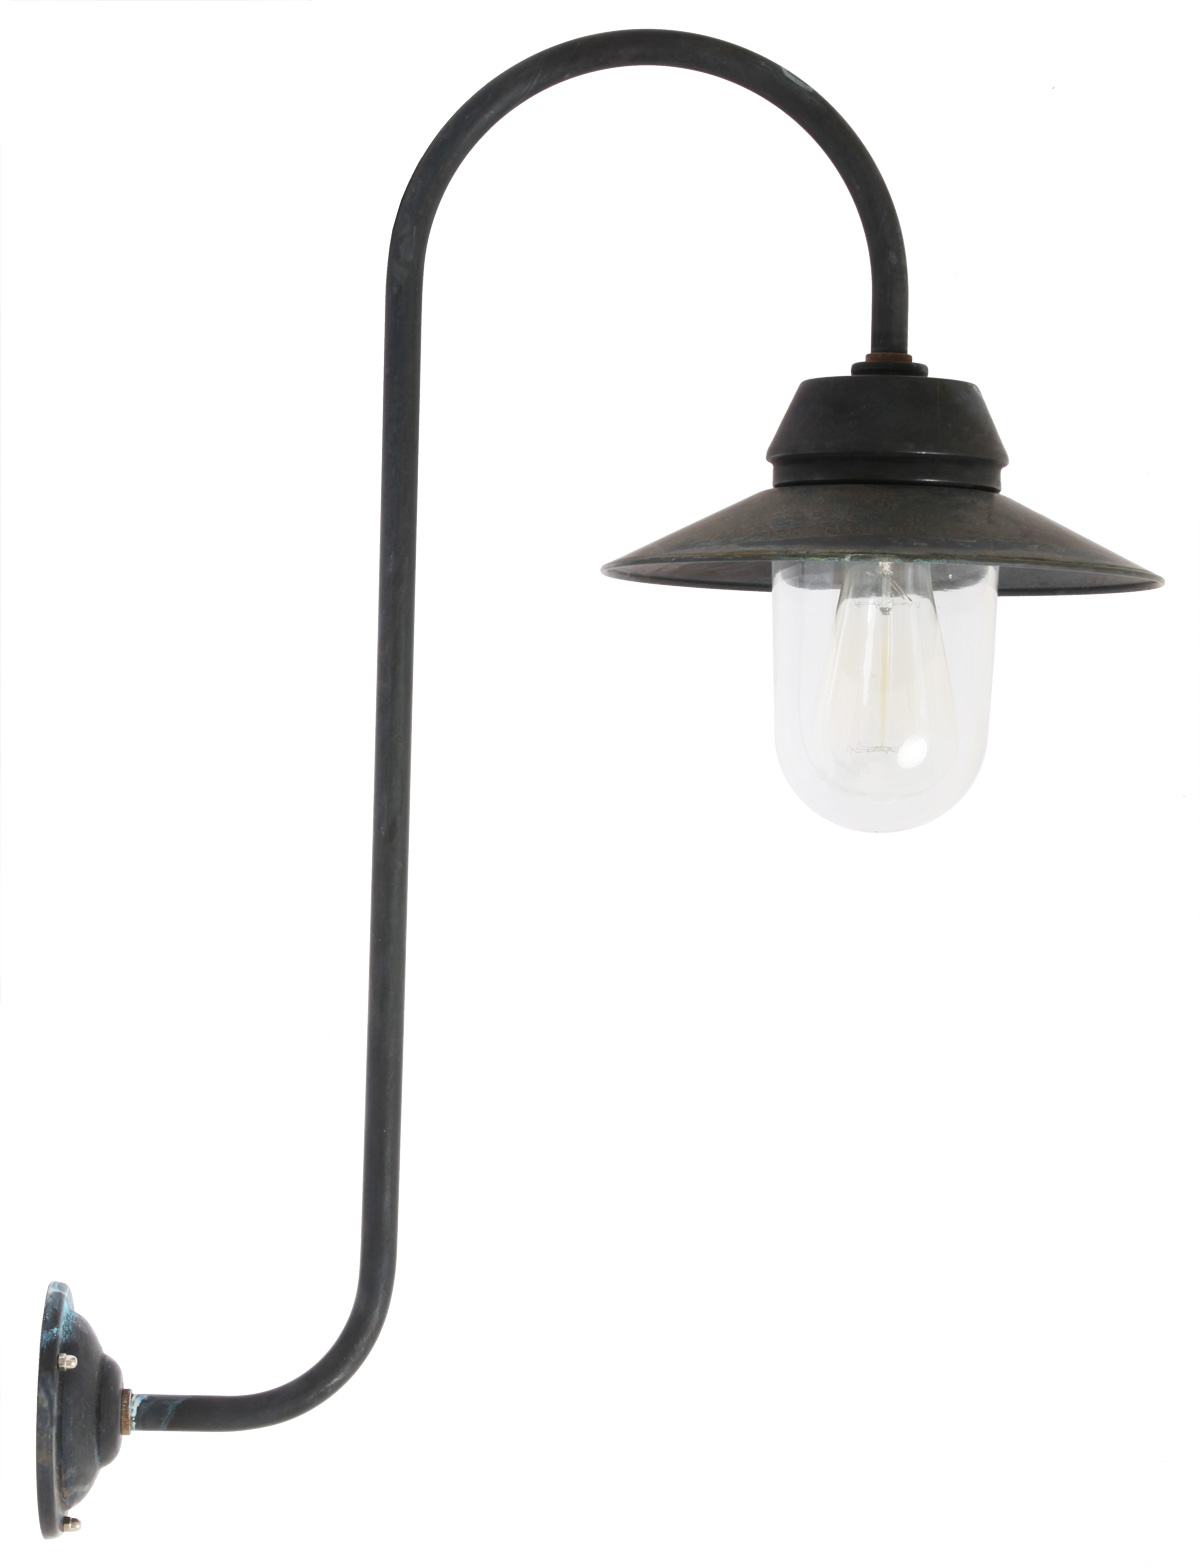 hohe landhaus wandlampe bw 1600 so kupfer terra lumi. Black Bedroom Furniture Sets. Home Design Ideas